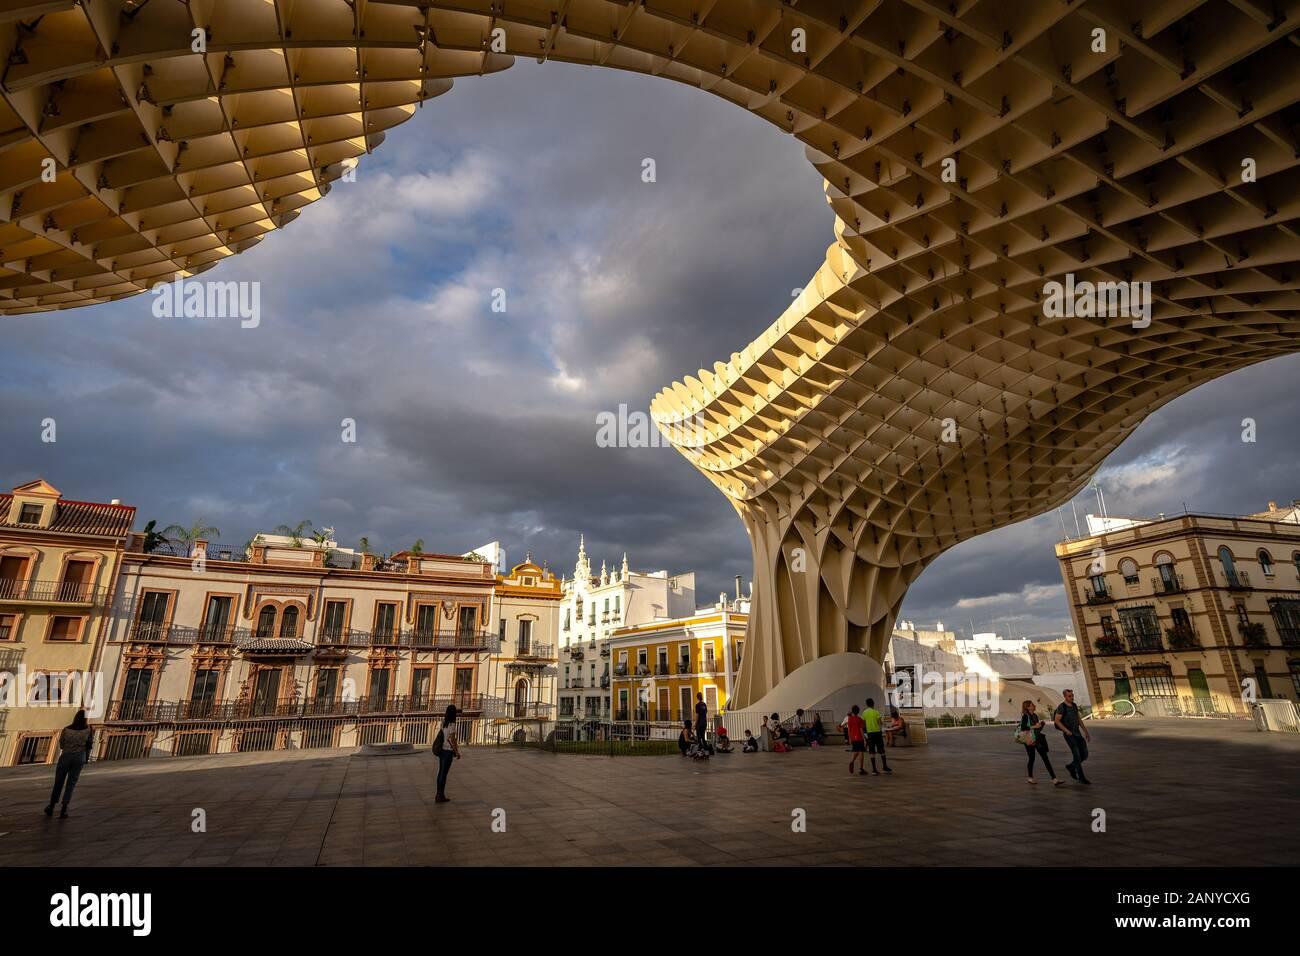 Séville, Espagne - Séville - Champignons en bois avec une structure sculpturale du musée archéologique, du passage sur le toit et vue Banque D'Images